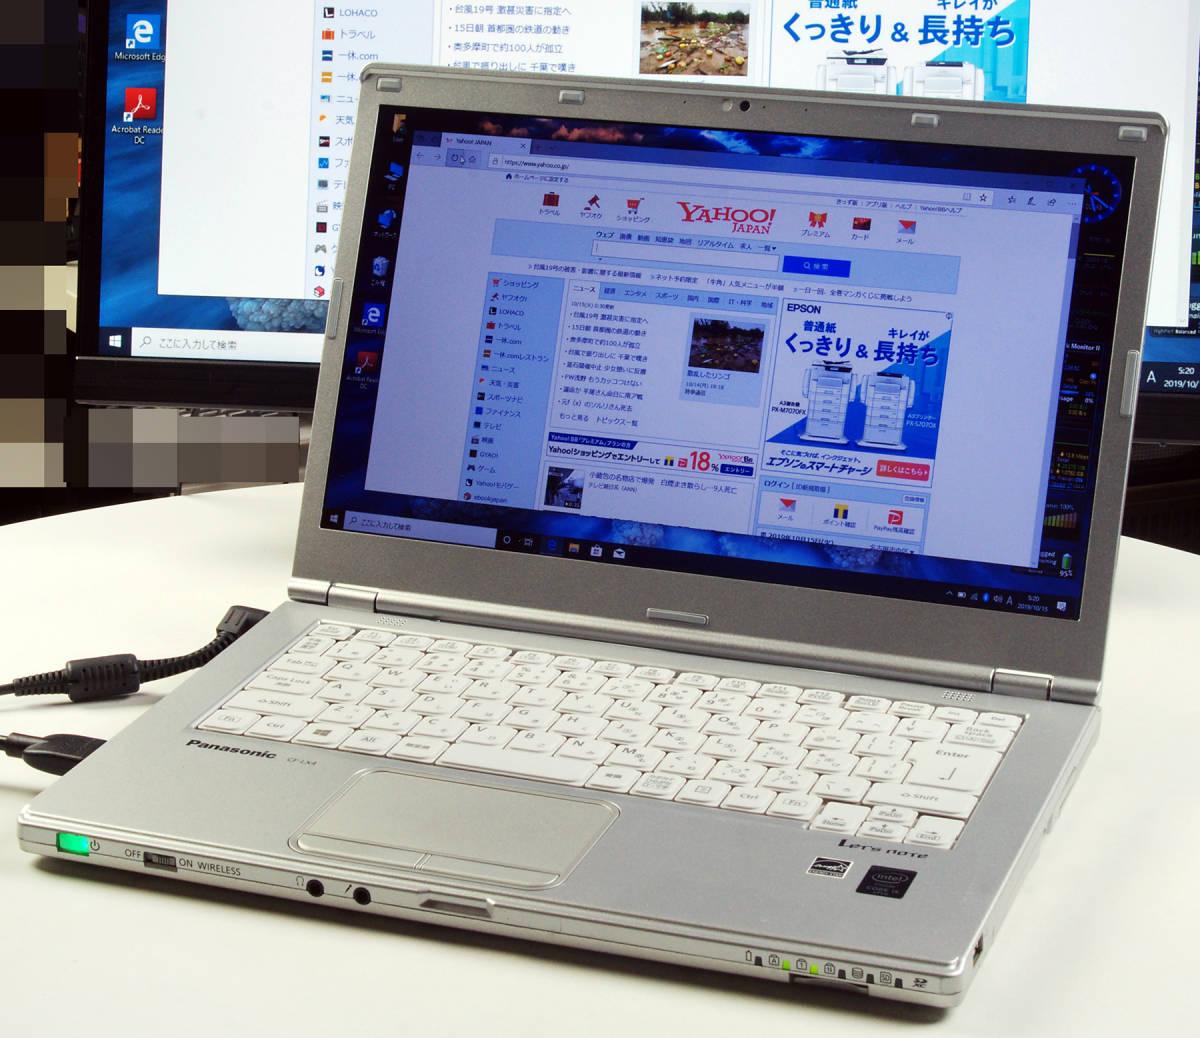 Let'sNote CF-LX4 Corei5(5300U) Mem8GB 新SSD480GB Webカメラ+無線LAN Win10Pro64bit Ver.1903 バッテリー良好_画像2